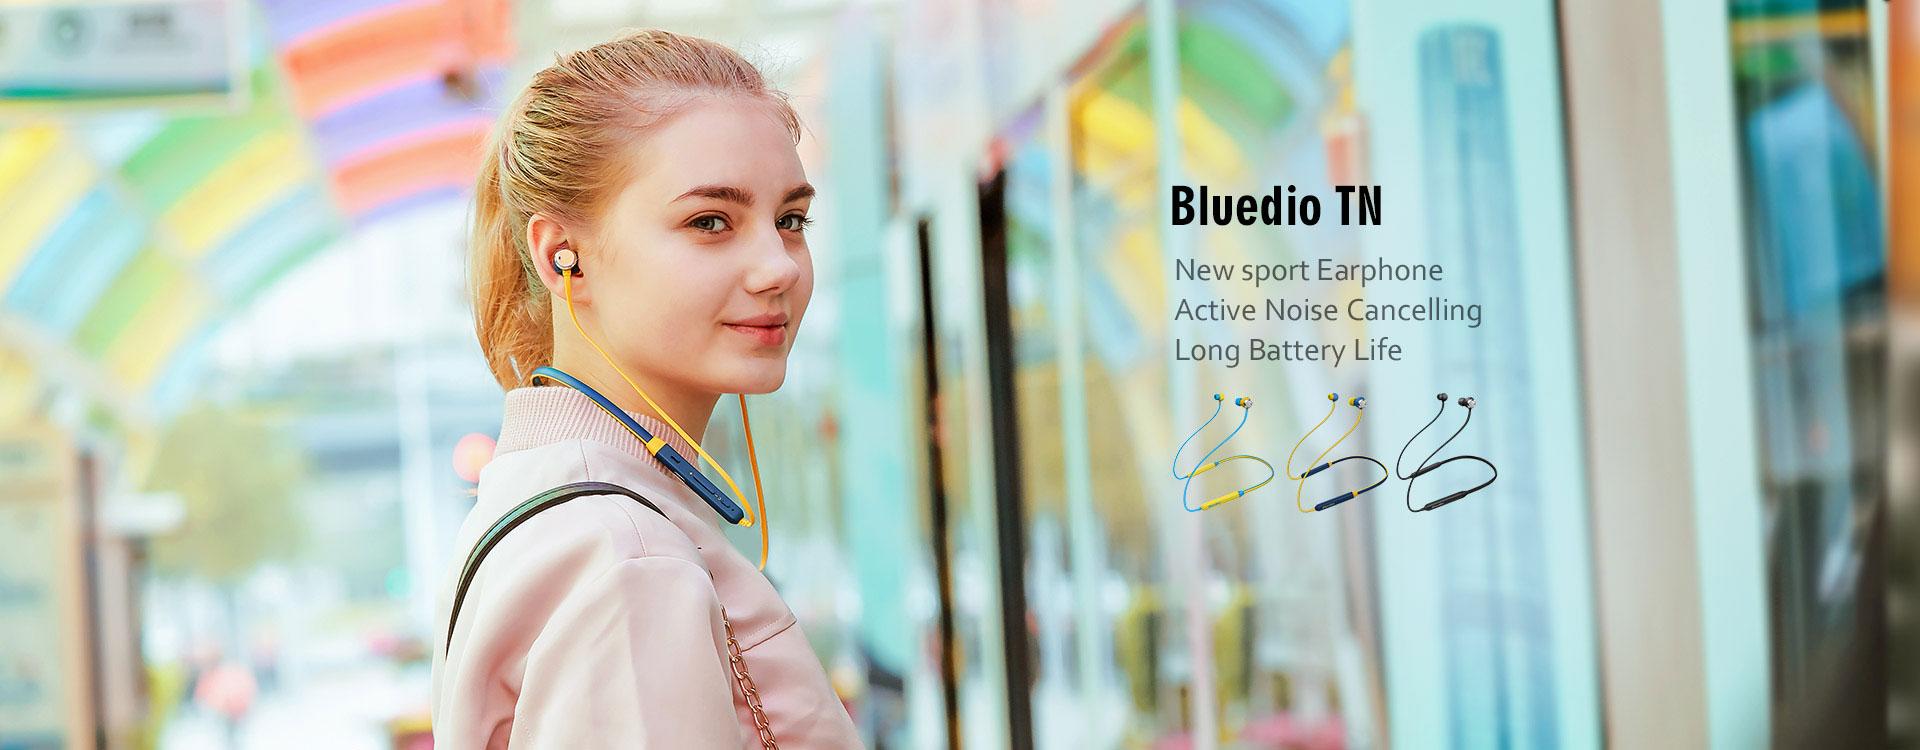 bluedio tn